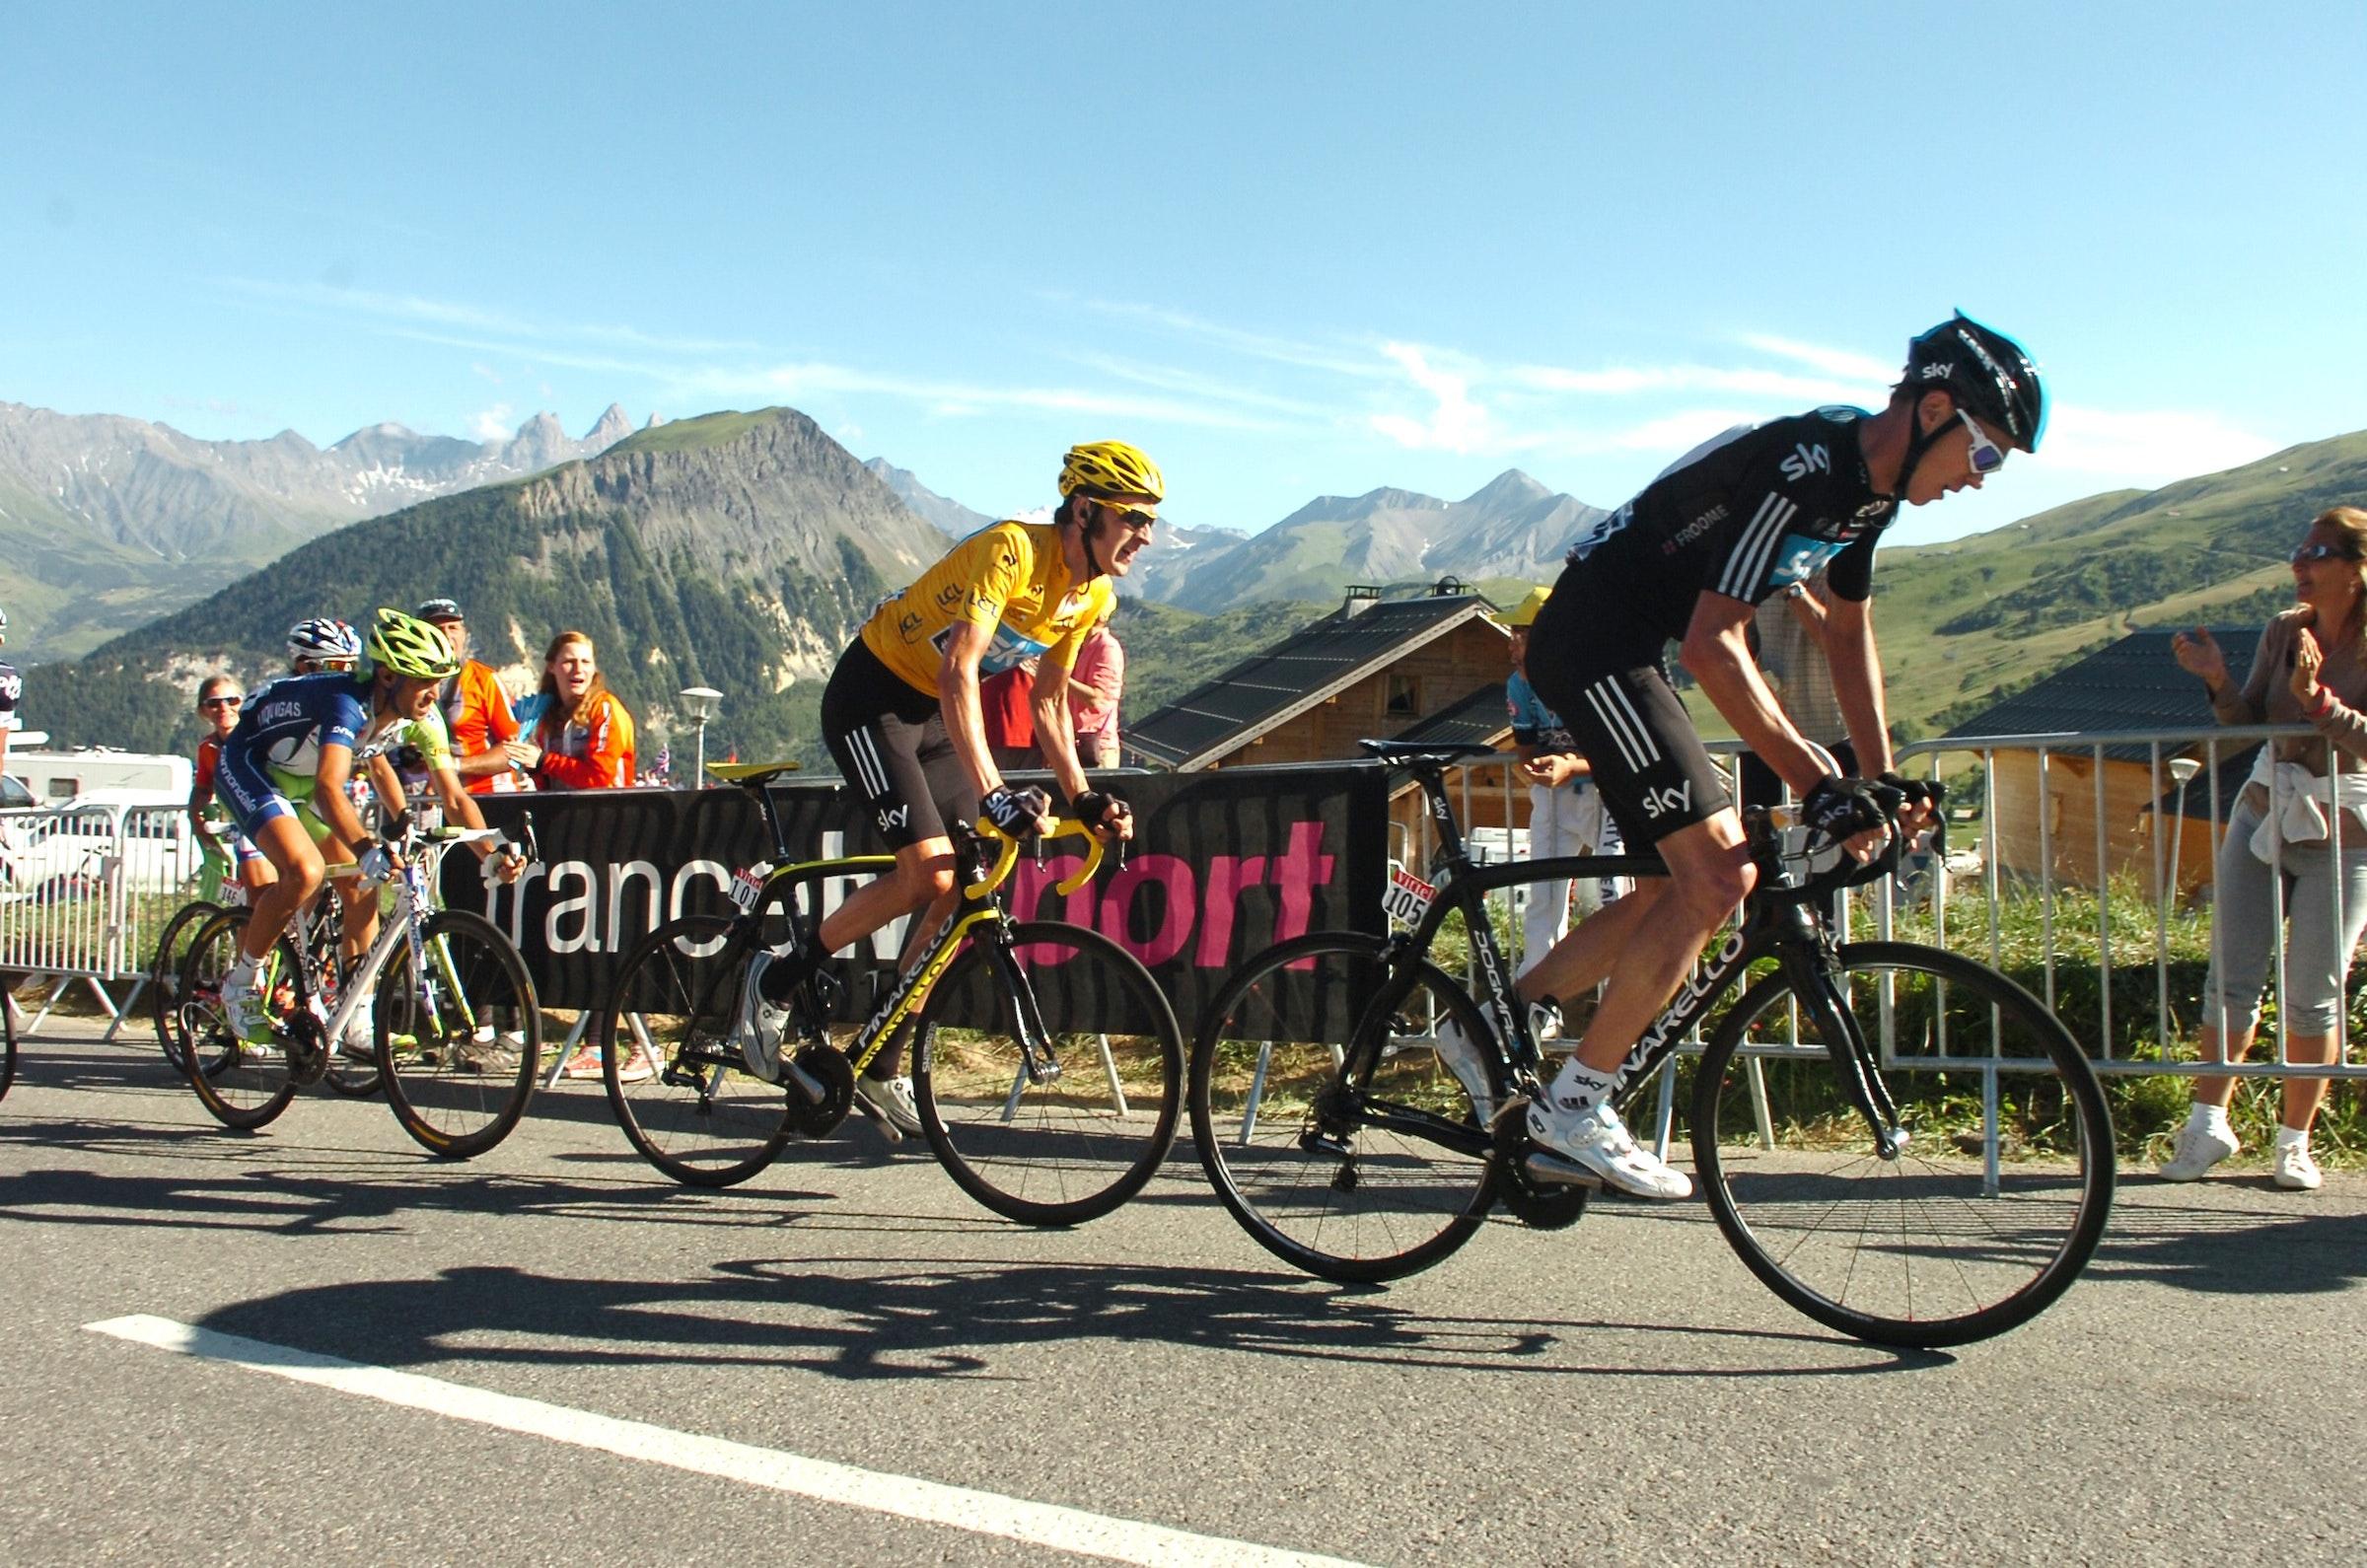 Chris Froome, Bradley Wiggins, Tour de France 2012, stage 11, Albertville - La Toussuire, pic: ©Stefano Sirotti